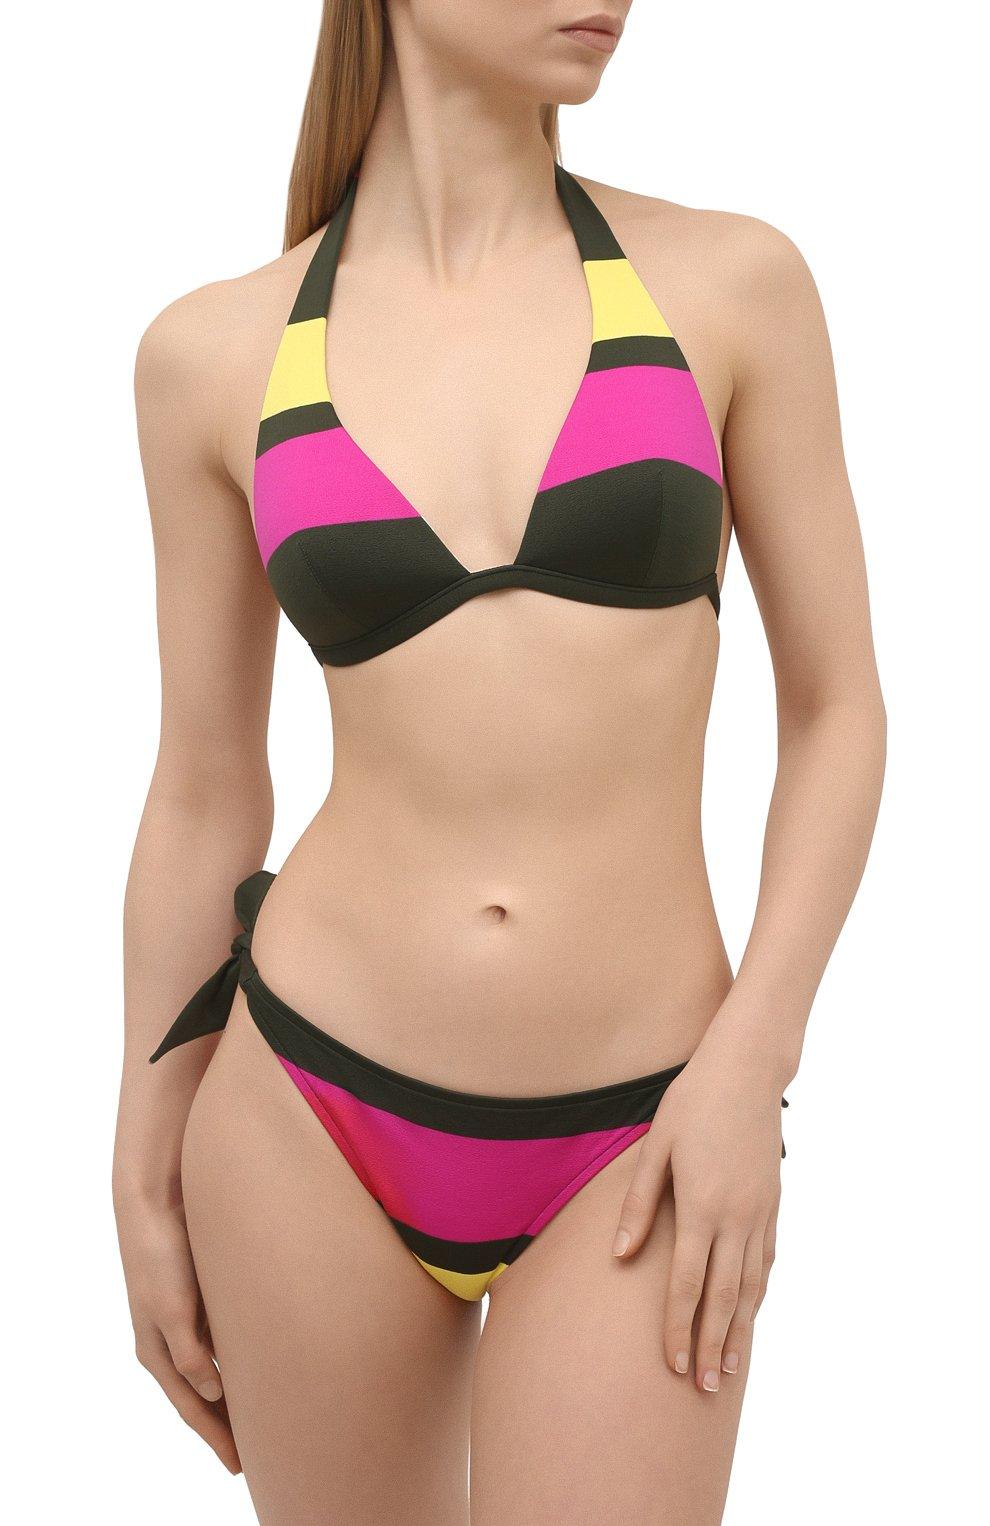 Женский раздельный купальник ANDRES SARDA разноцветного цвета, арт. 3410020-3410055 | Фото 2